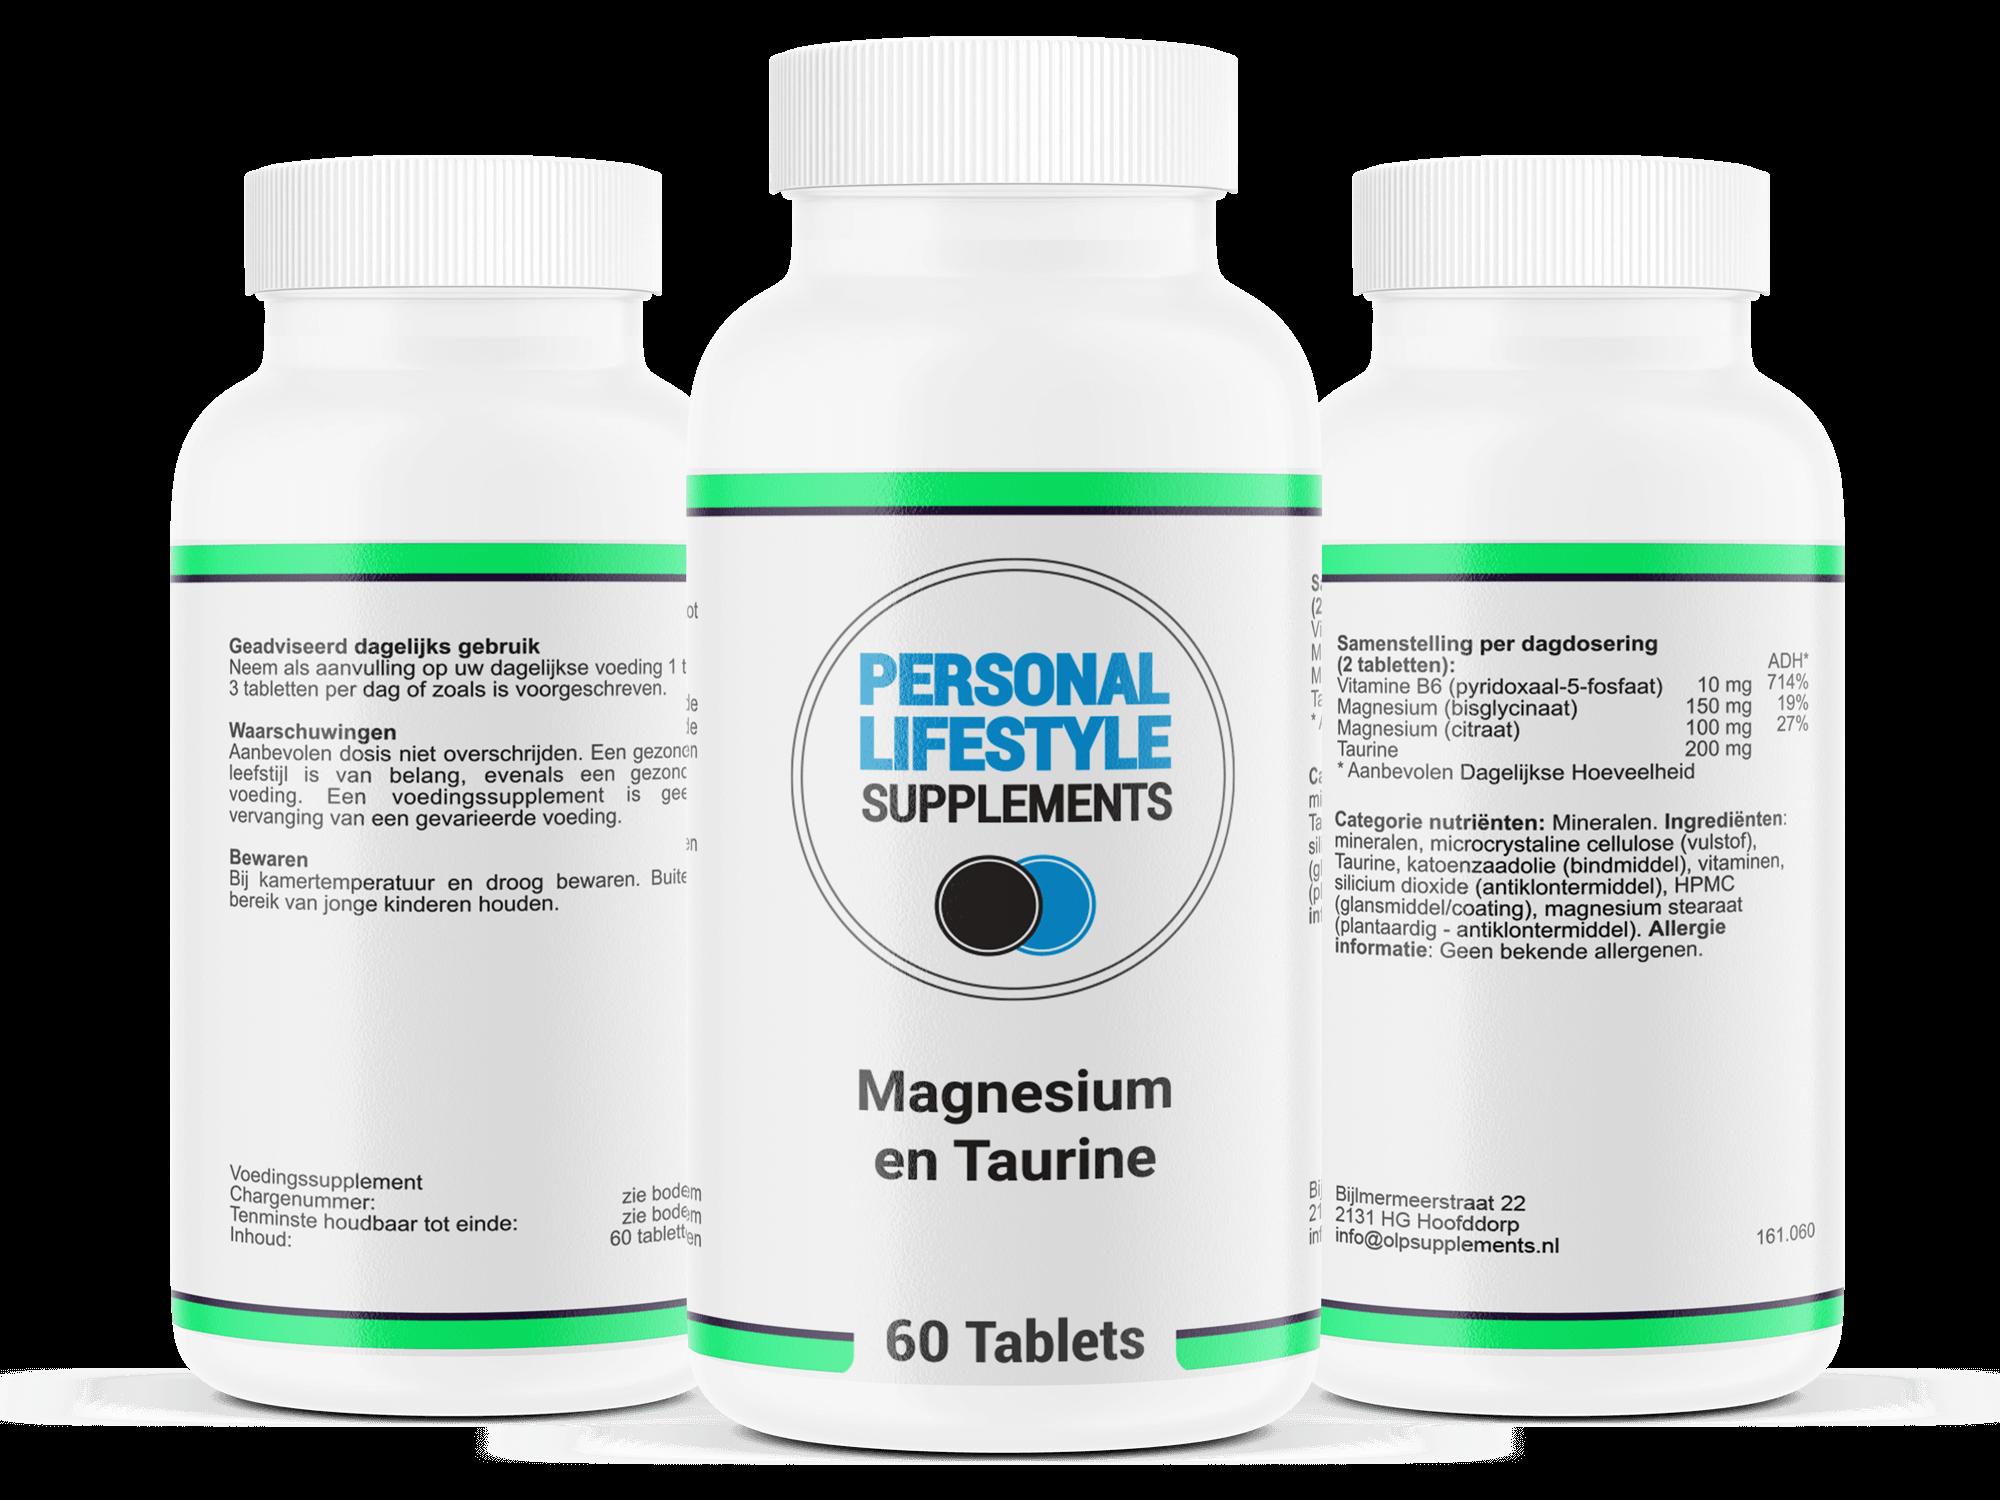 Magnesium-citraat-en-taurine-tabletten-pillen-botaanmaak-spierwerking-activeert-natuurlijke-energie-helpt-tegen-vermoeidheid